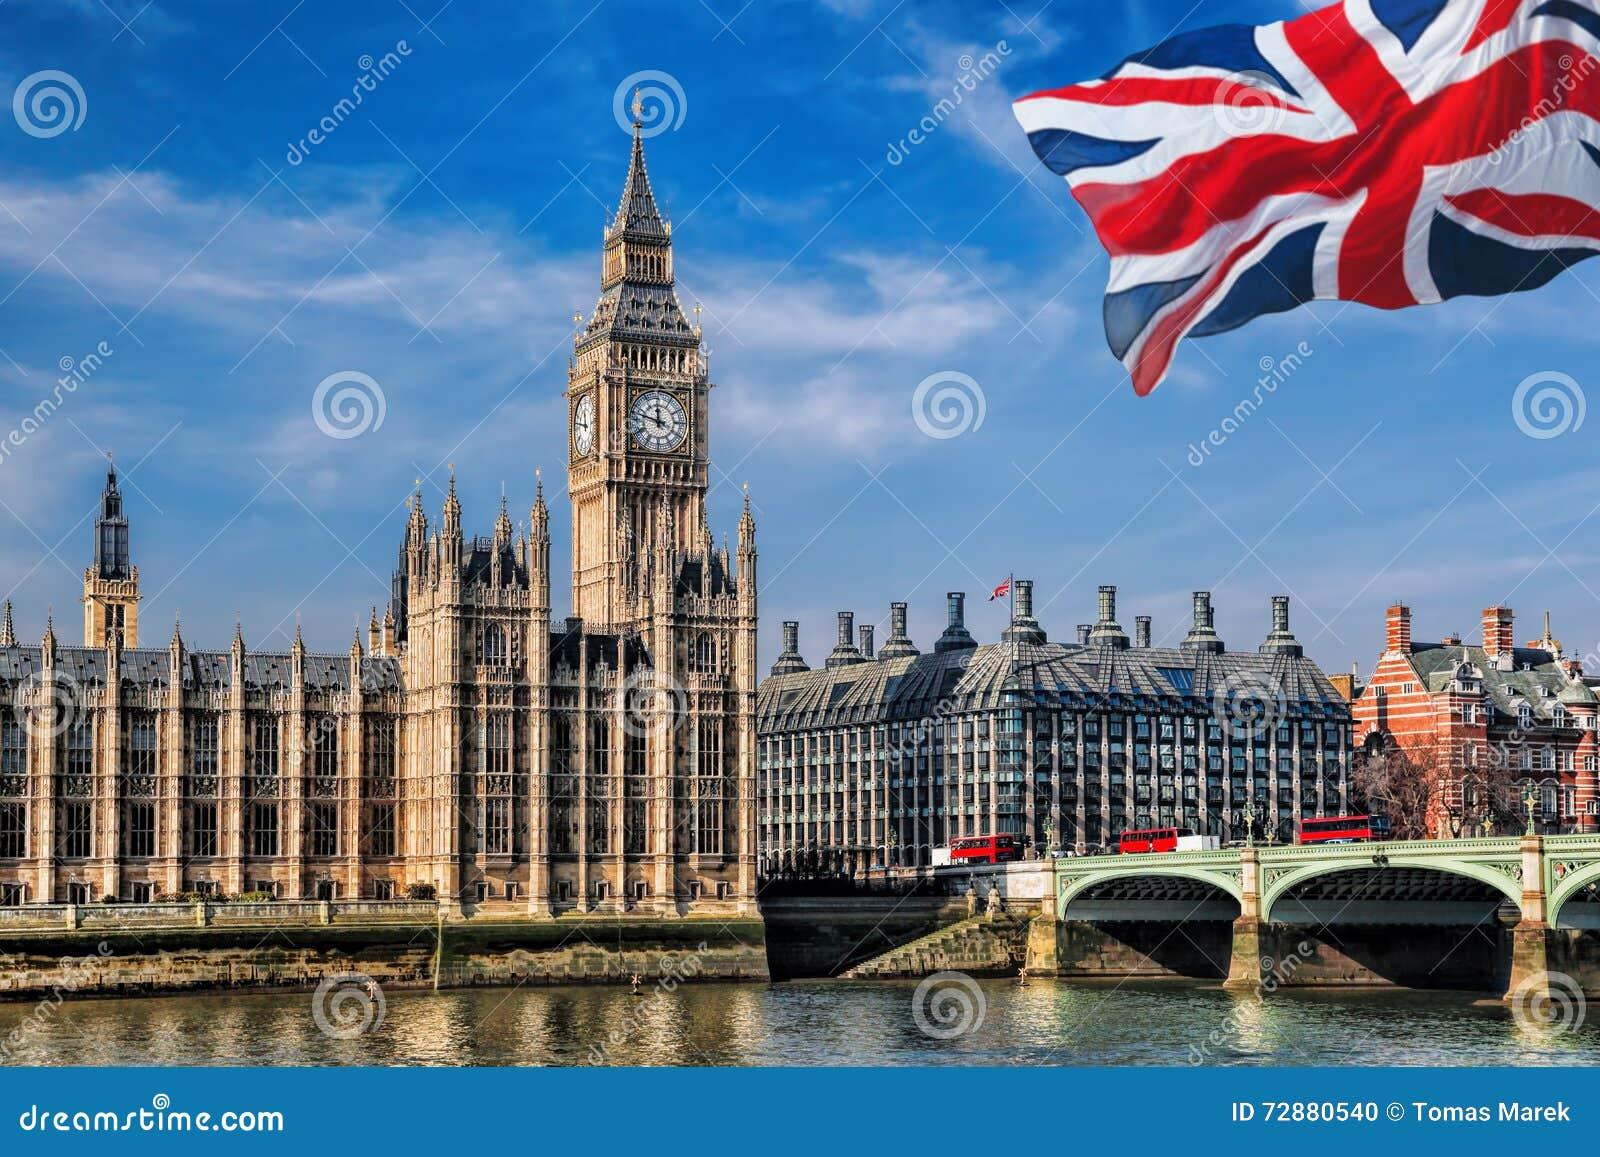 Big Ben Mit Flagge Von Vereinigtem Königreich In London